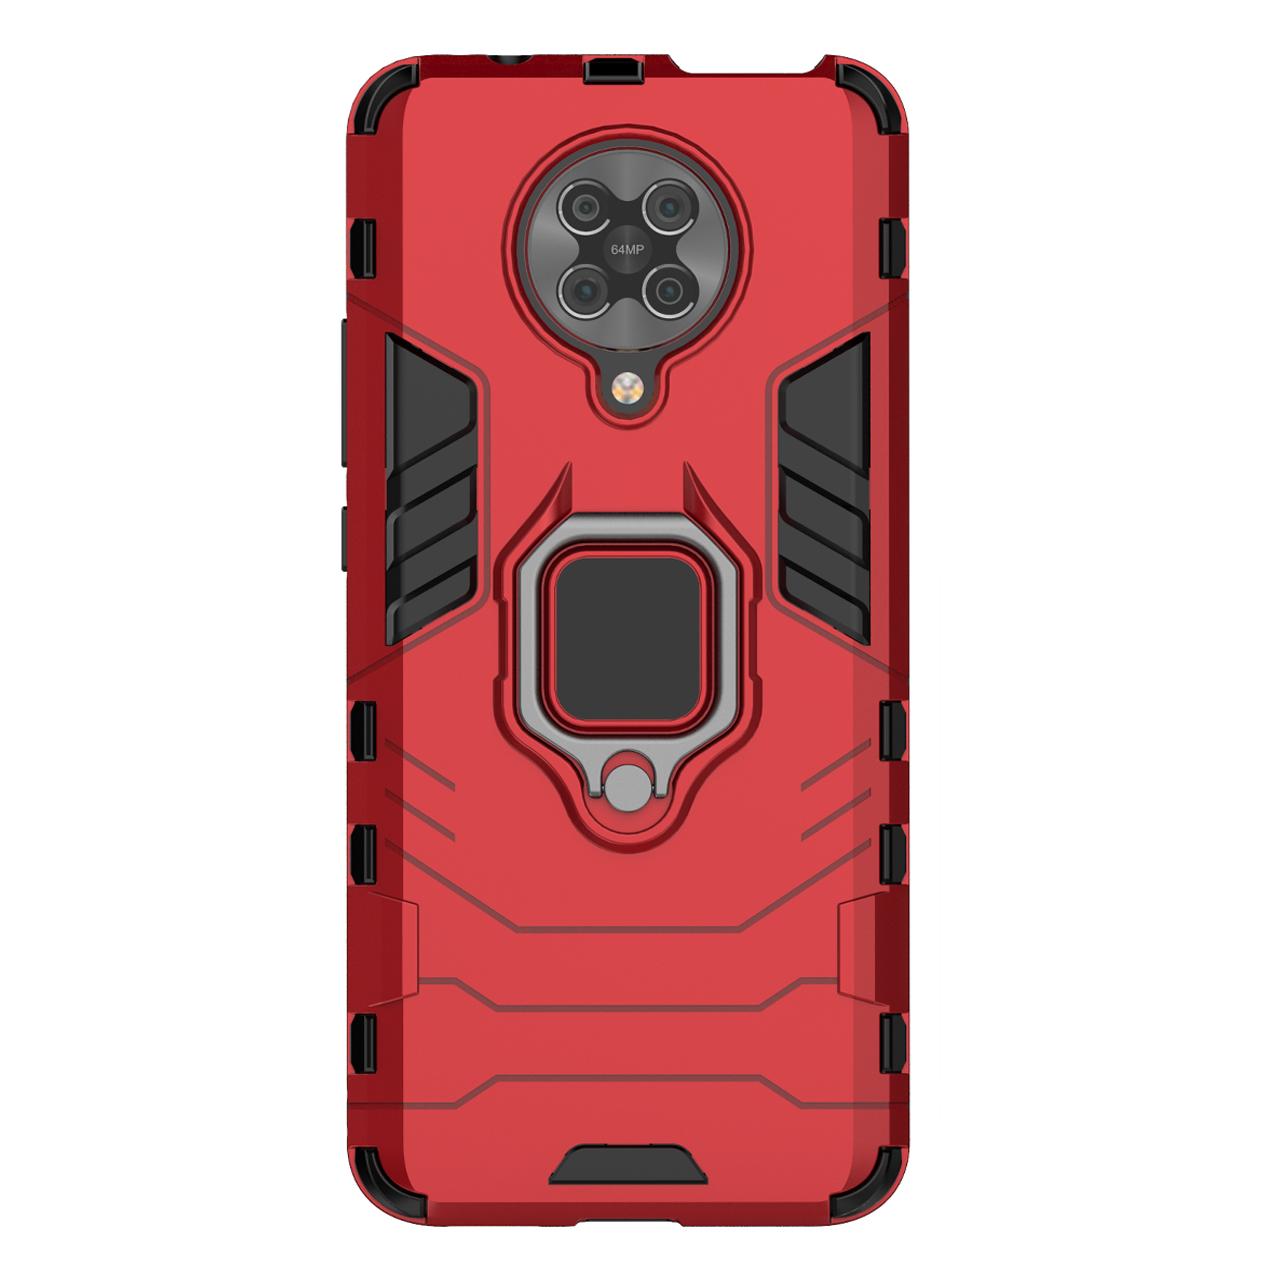 کاور مدل DEF02 مناسب برای گوشی موبایل شیائومی Poco F2 Pro / Redmi K30 Pro / Redmi K30 Pro Zoom              ( قیمت و خرید)